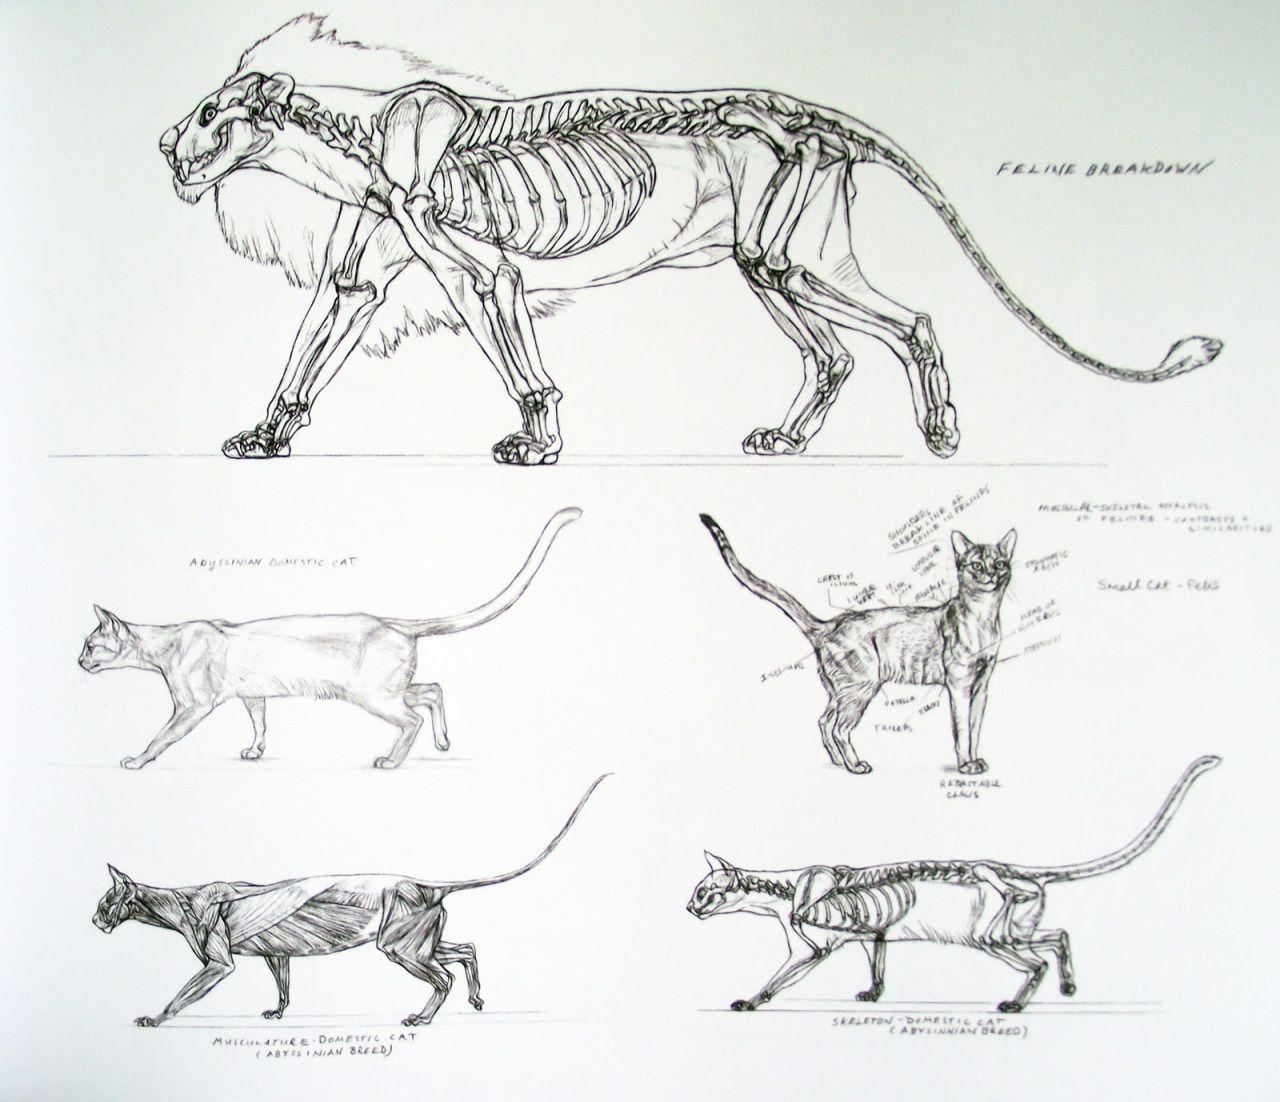 tumblr_n18c27QUd91rjw0mwo2_1280.jpg (1280×1102) | Felid Anatomy ...